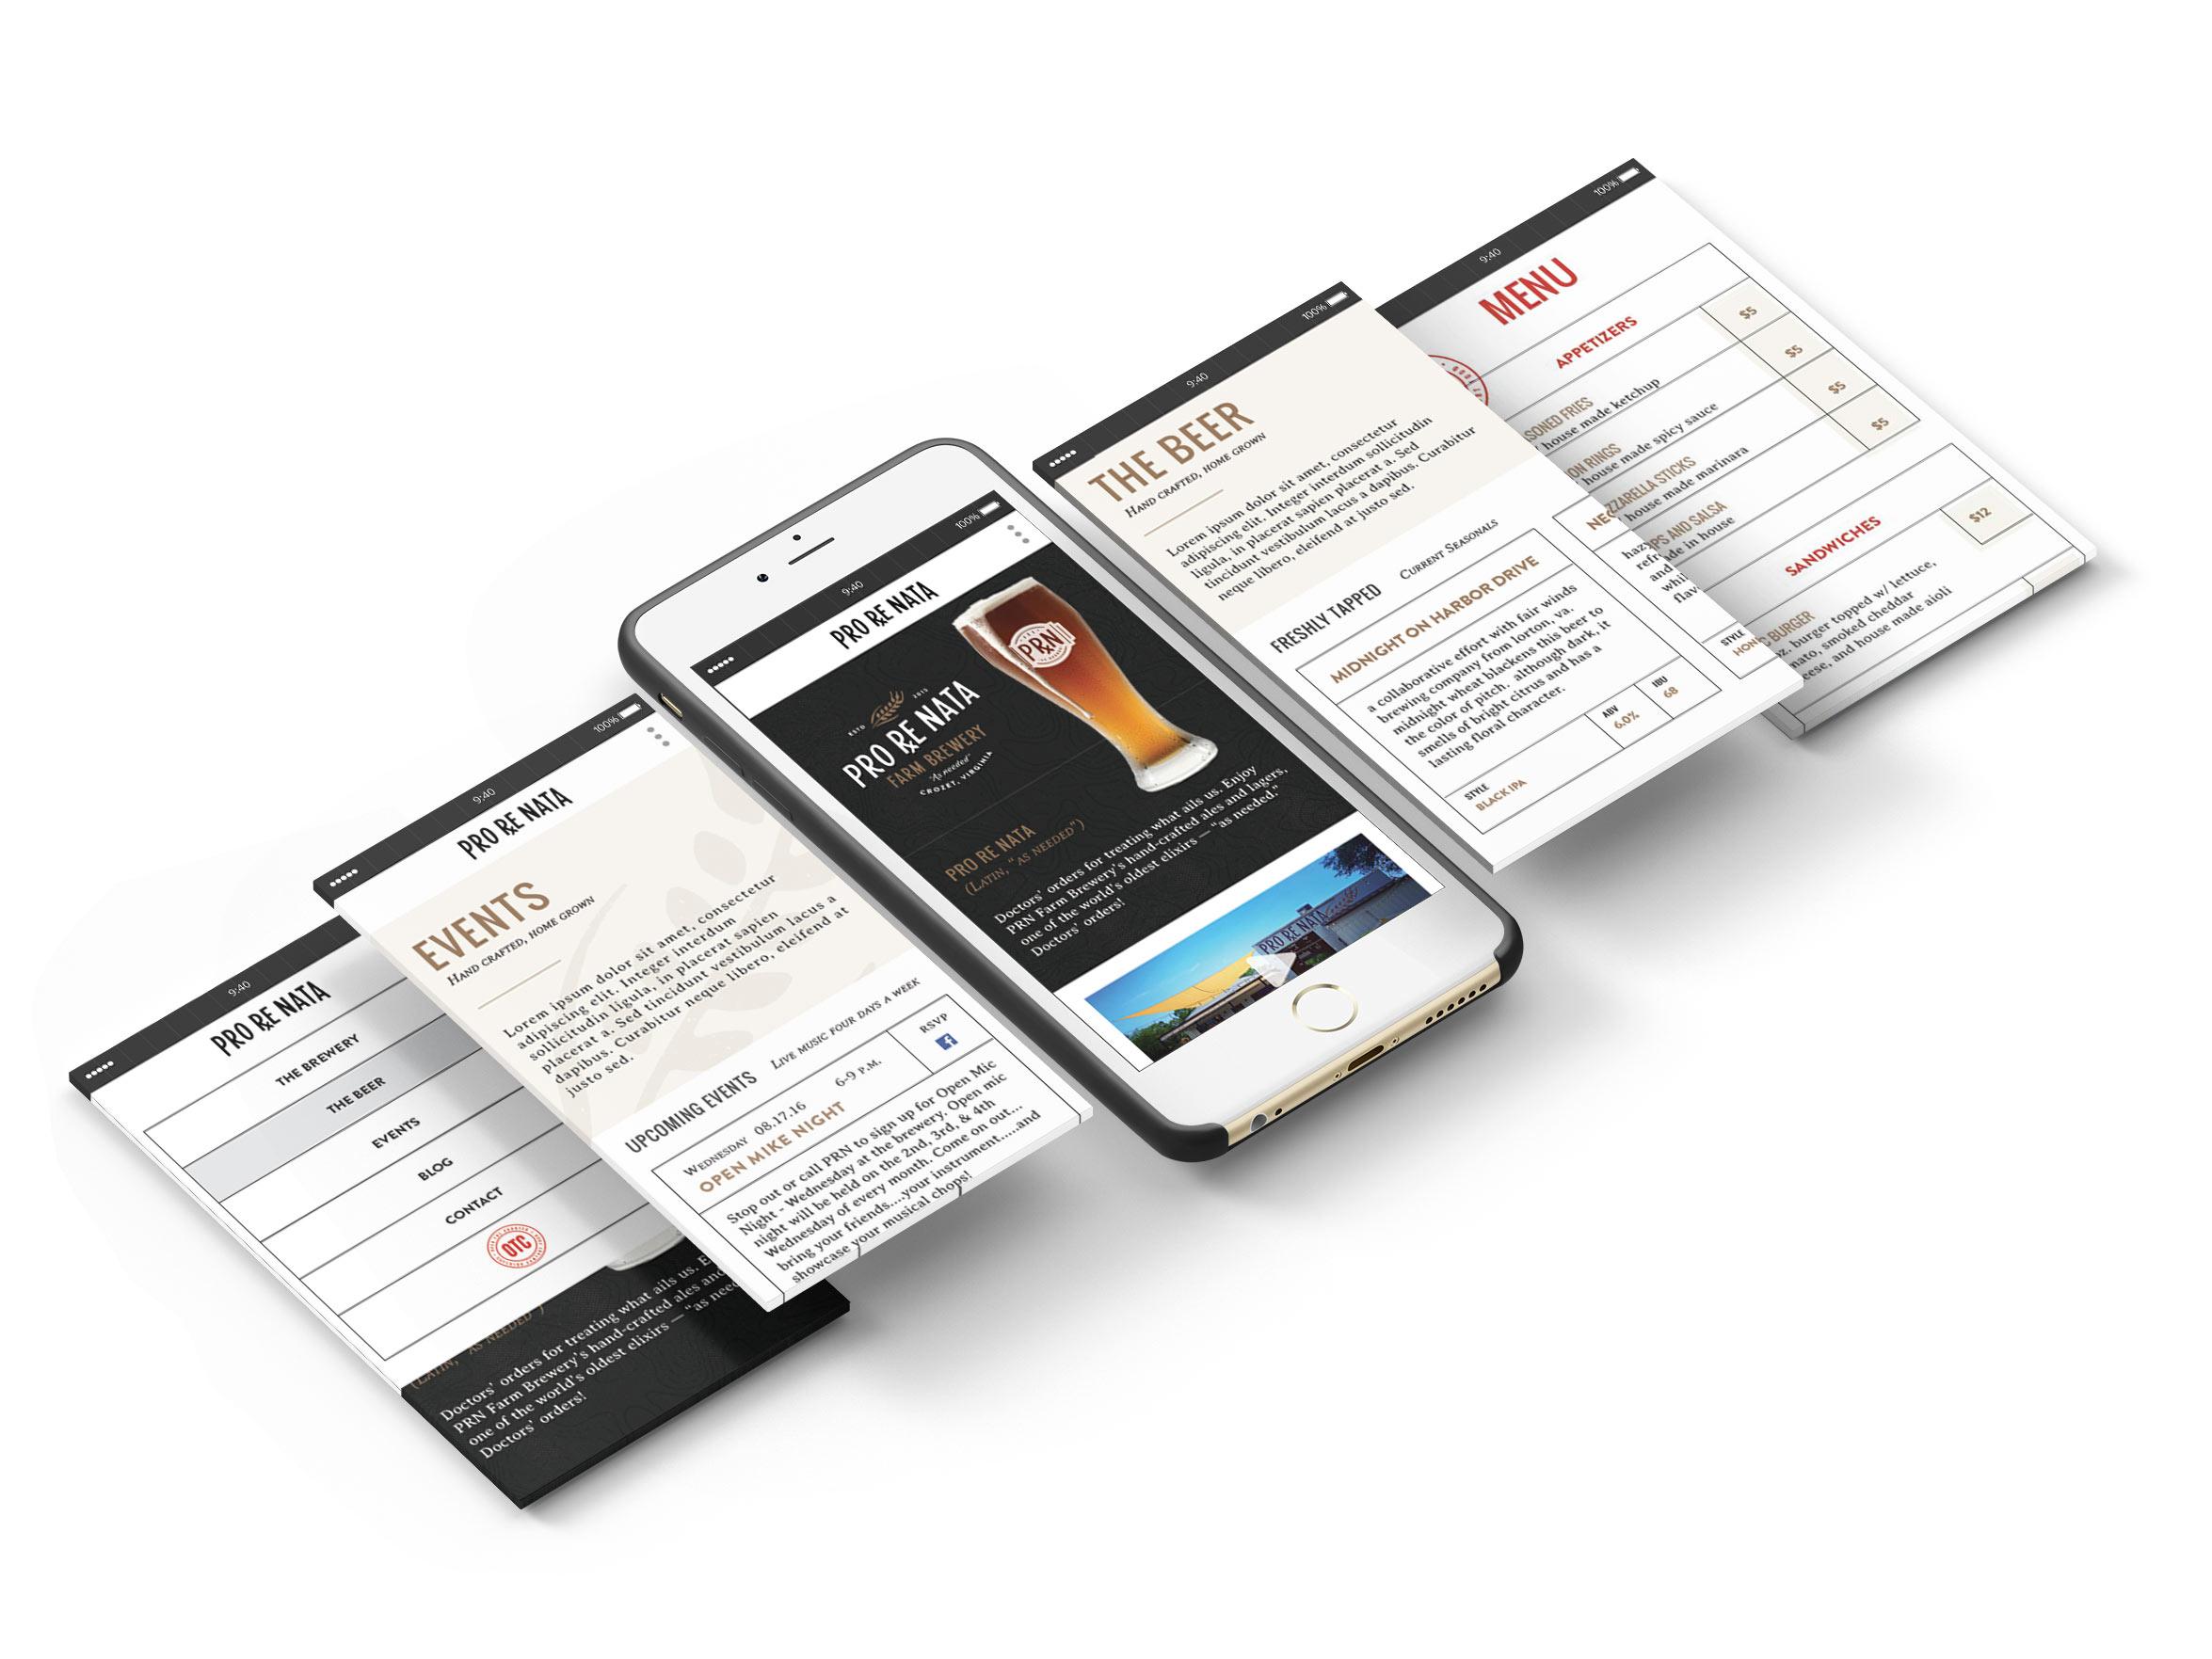 PRN Iphone